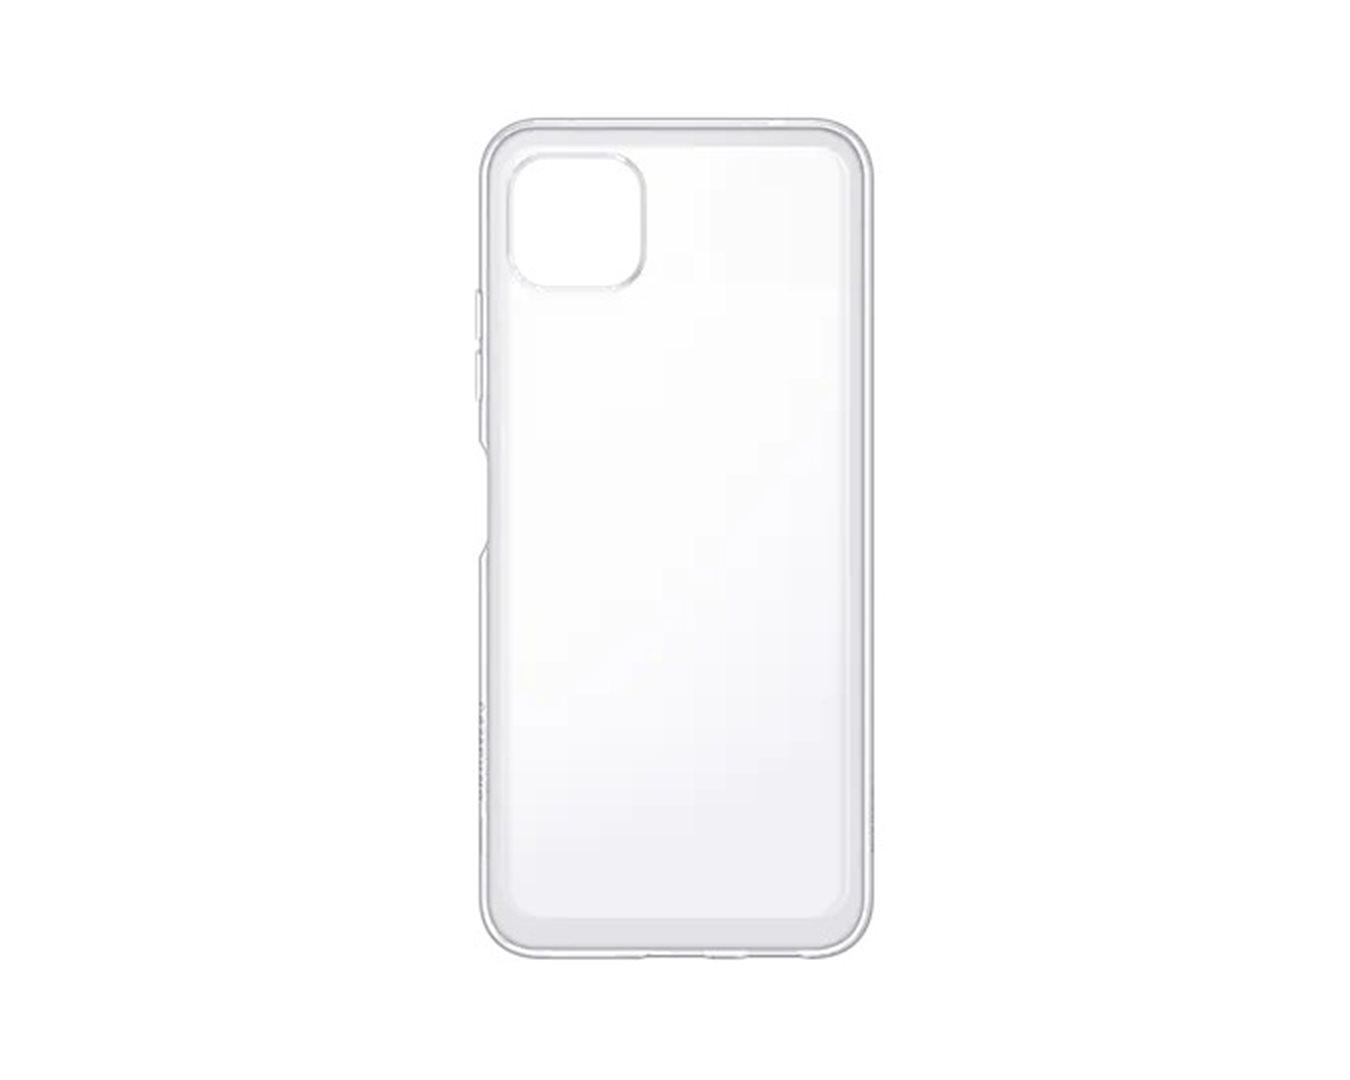 Poloprůhledný zadní kryt pro Samsung Galaxy A22 LTE, transparentní